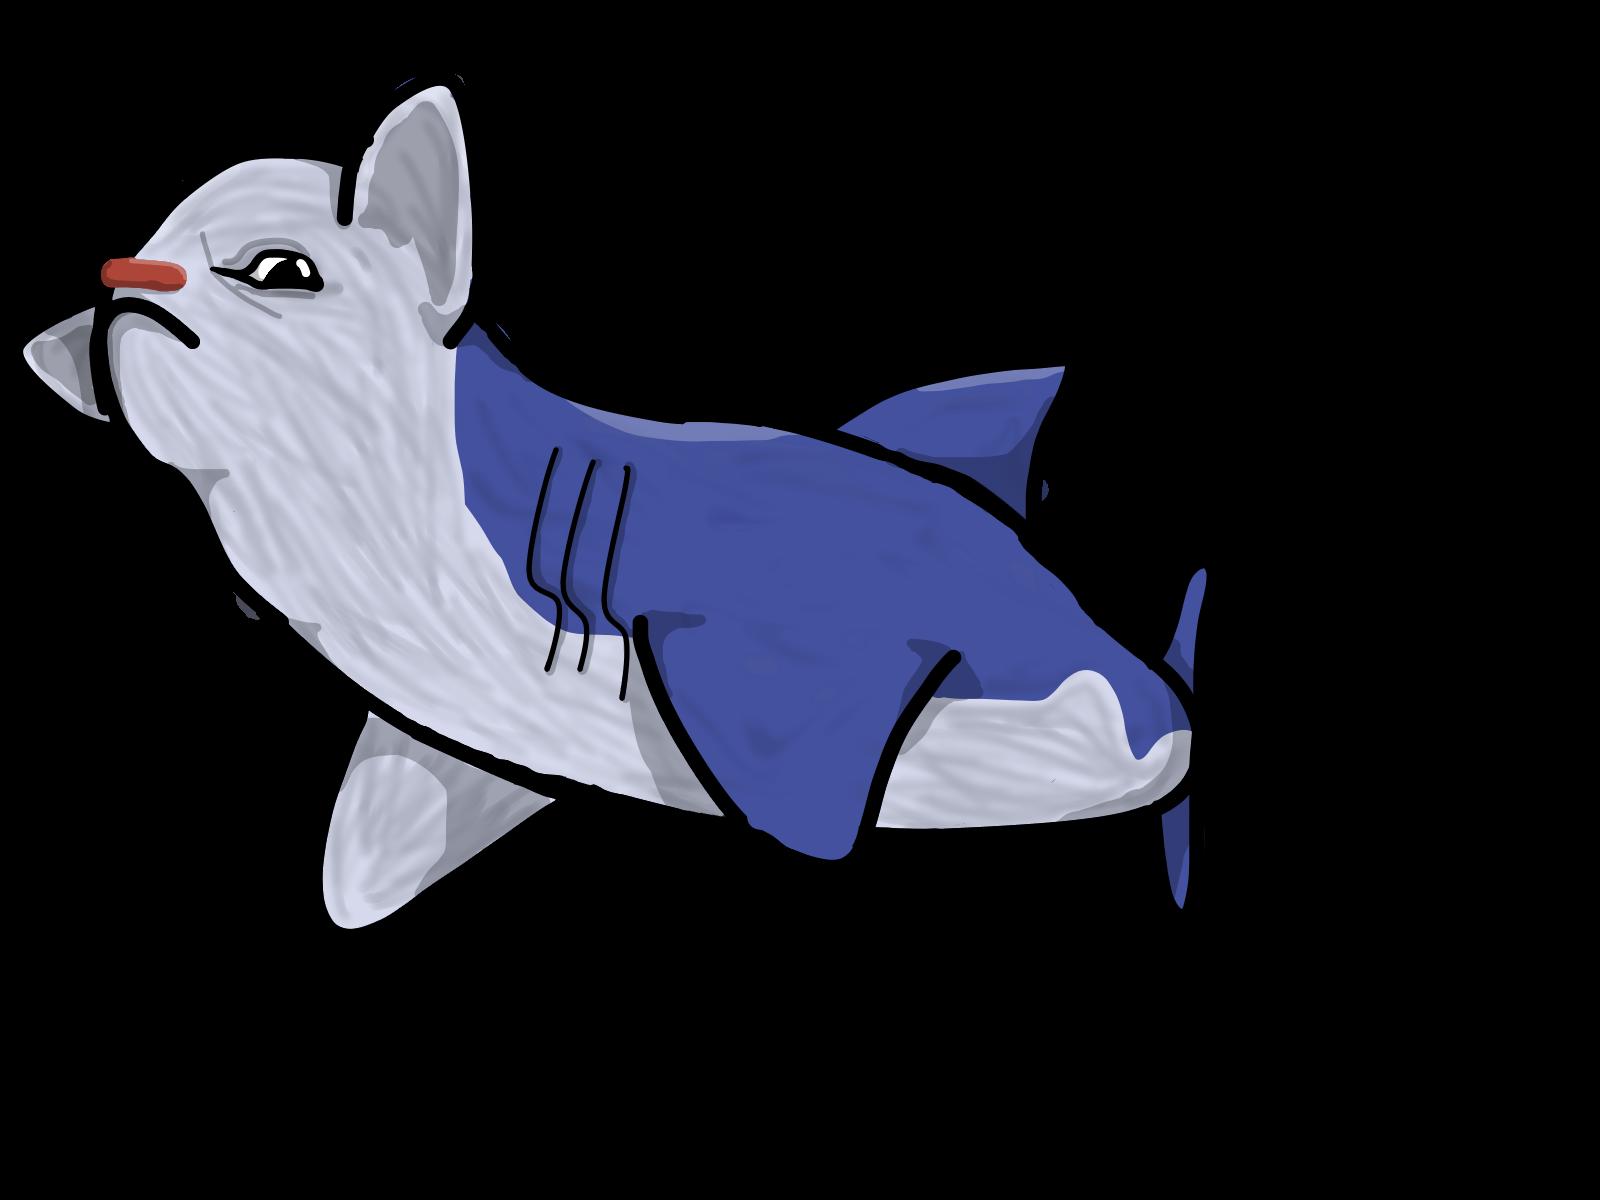 Goat Shark